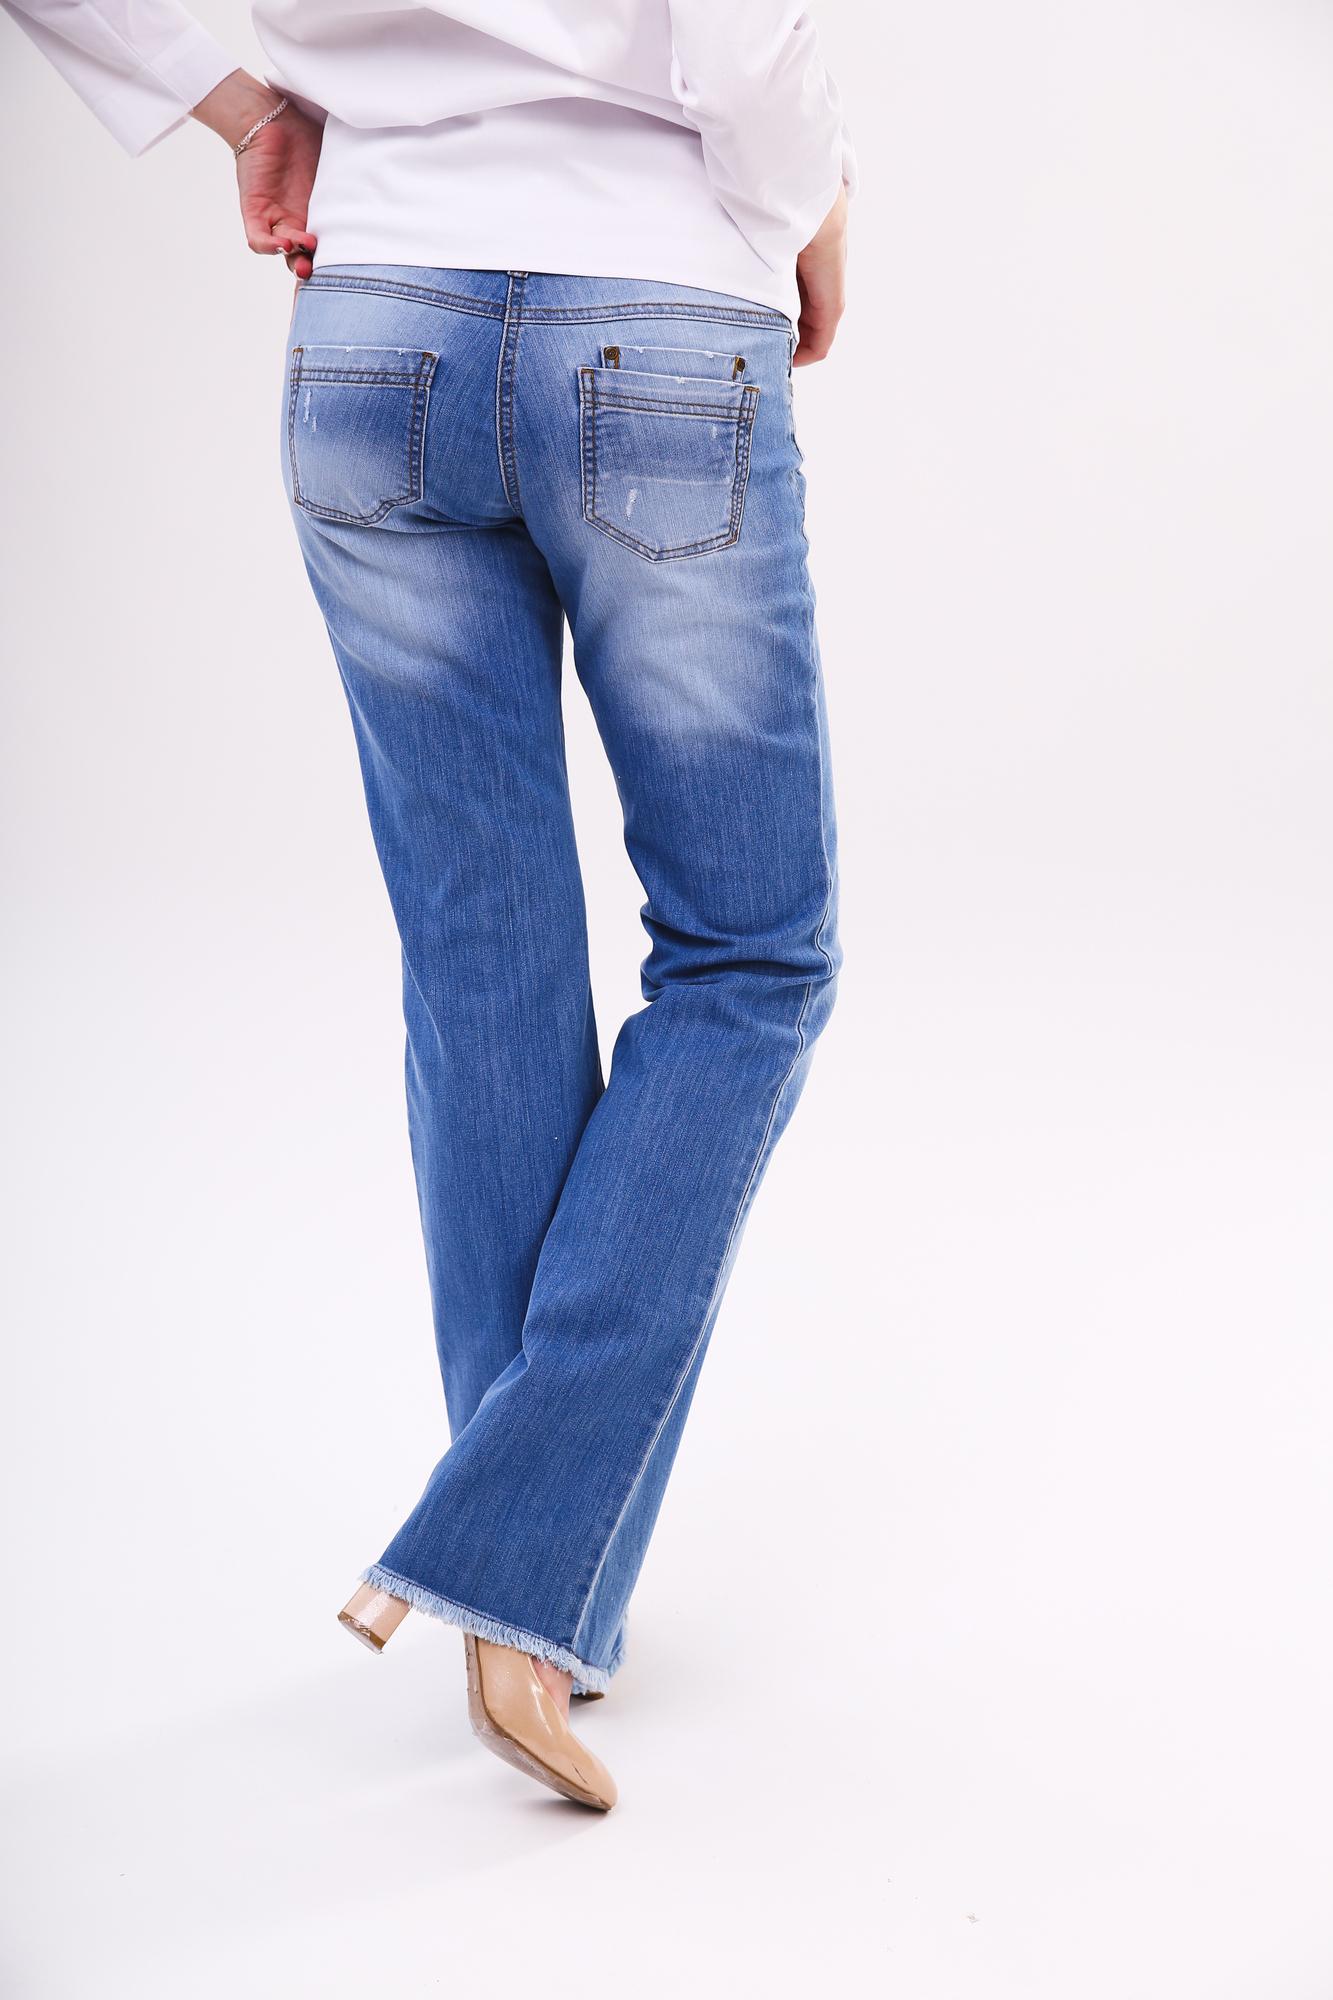 Фото джинсы для беременных (BOOT CUT) MAMA`S FANTASY, средняя посадка, высокая трикотажная вставка, из стрейчевого денима от магазина СкороМама, синий, размеры.